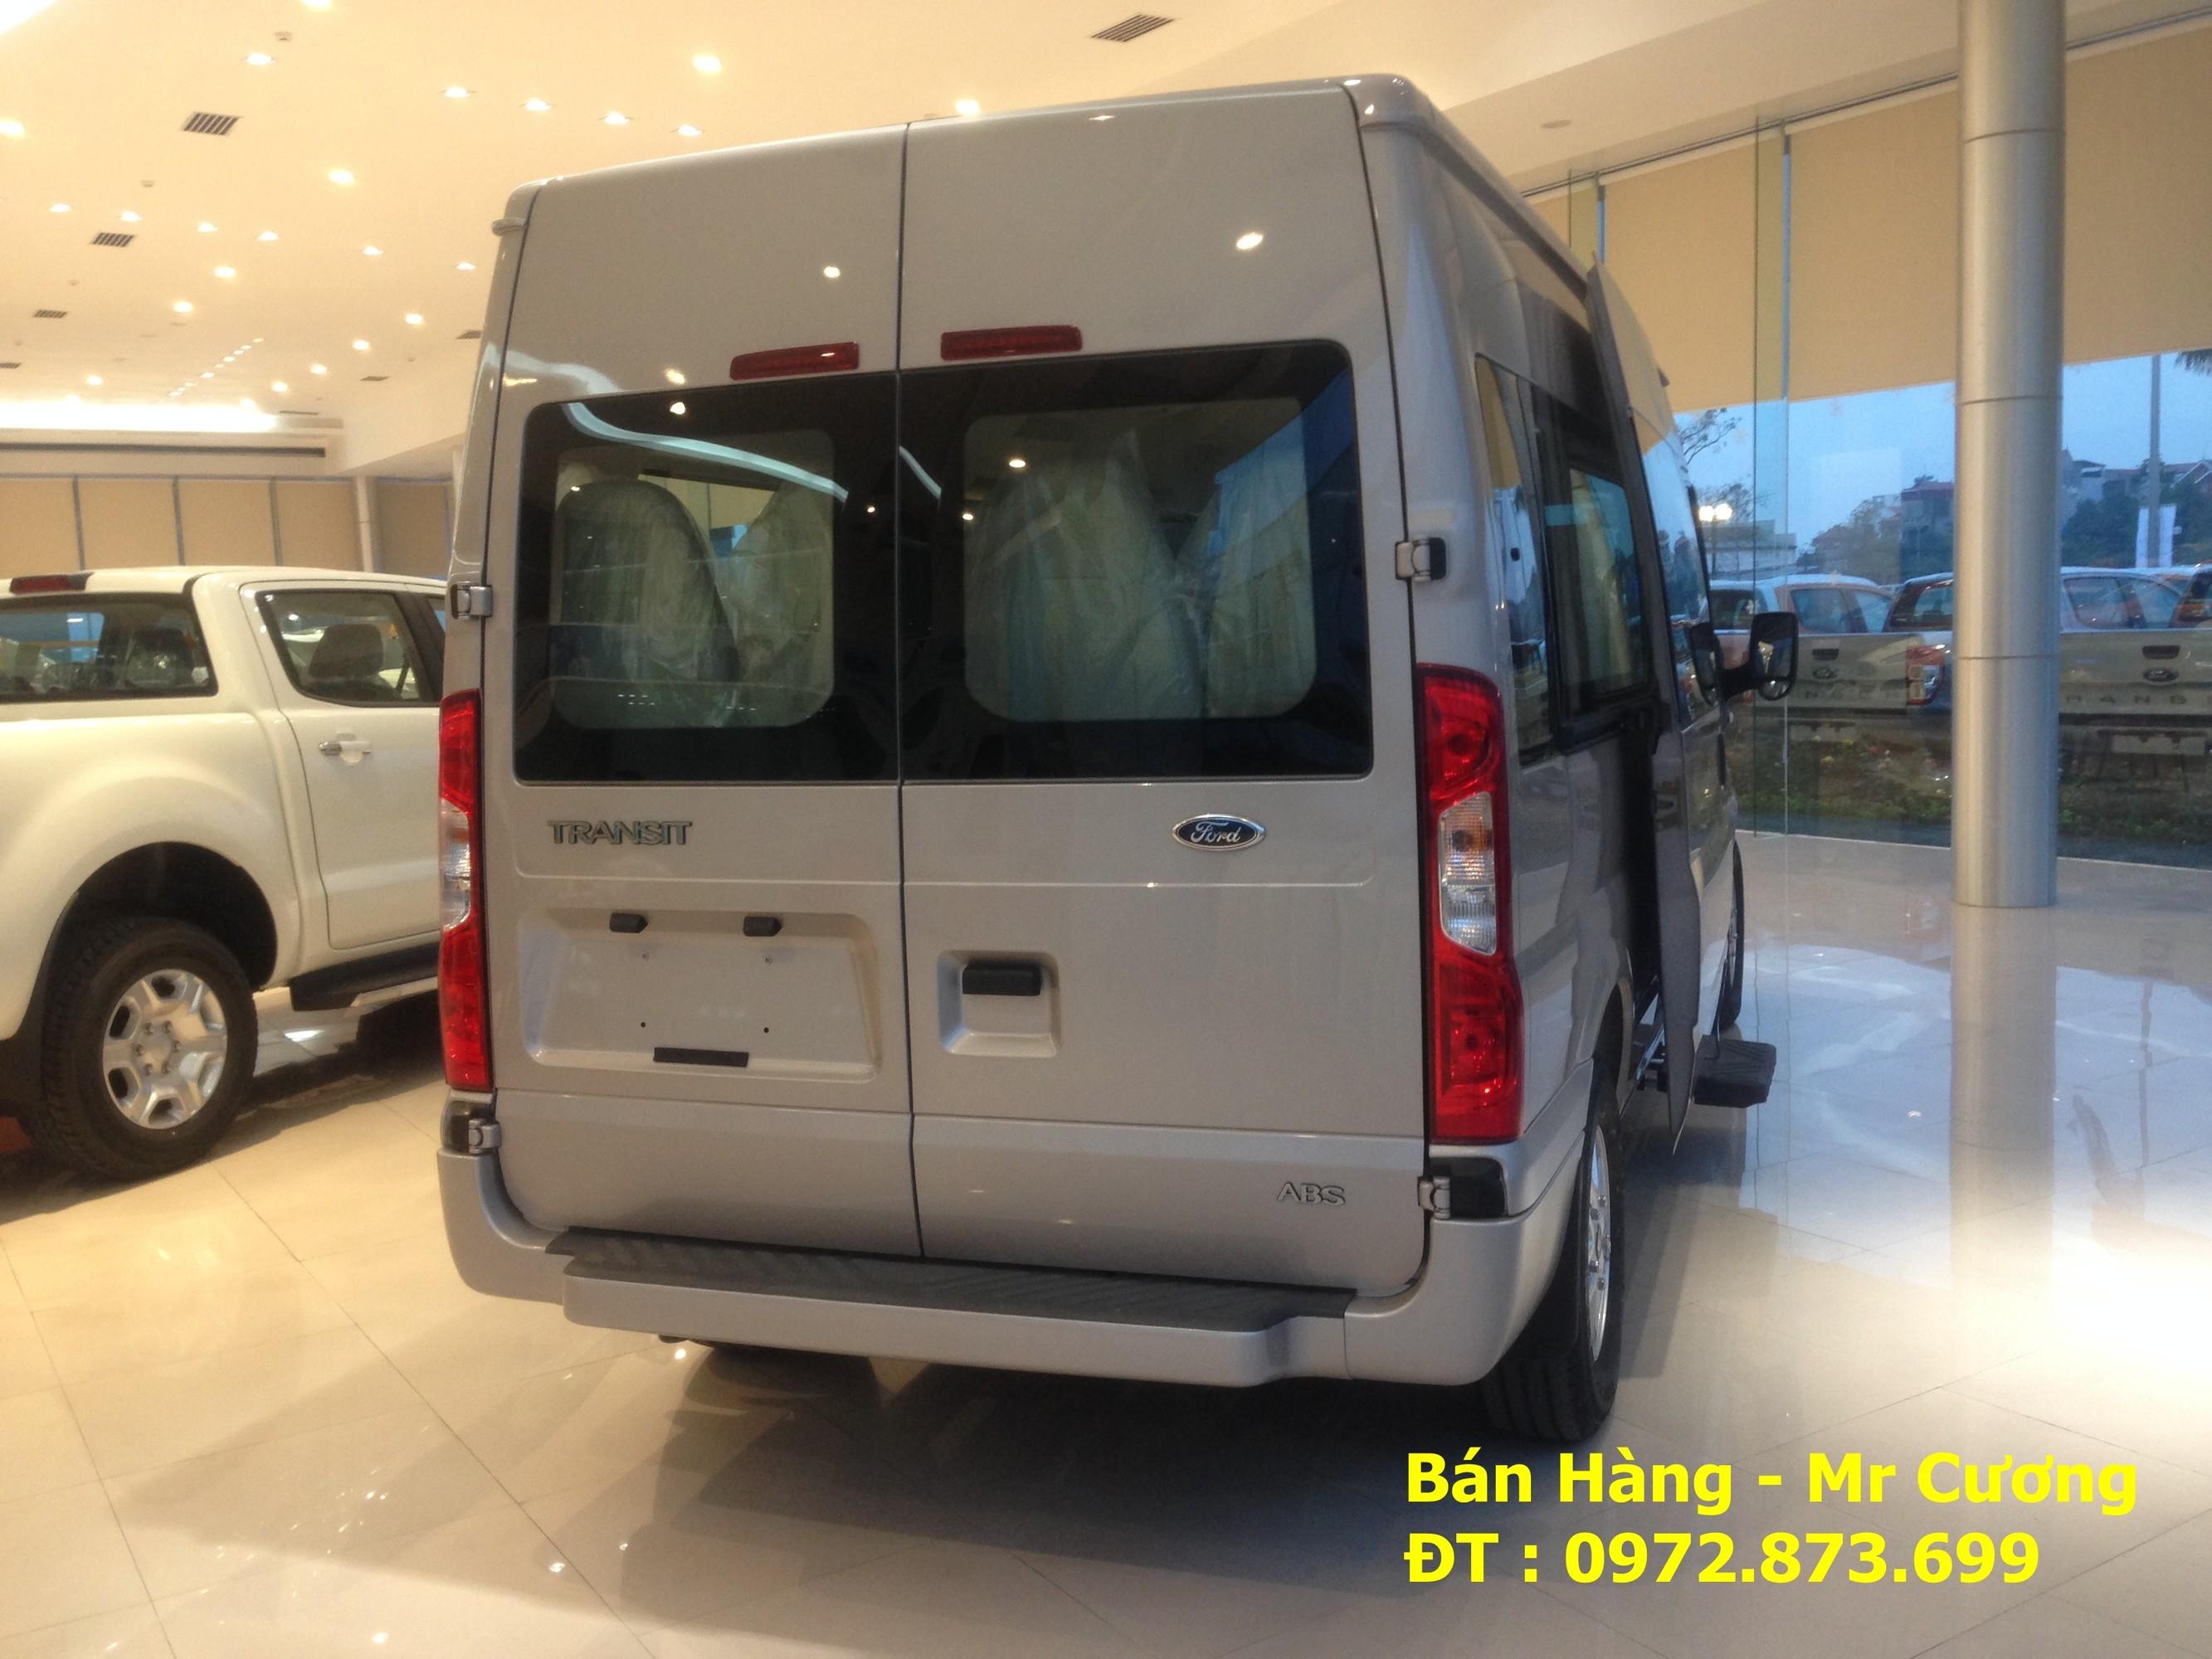 Bán xe khách ford transit 16 chỗ luxury màu bạc giao xe ngay Ảnh số 40388827